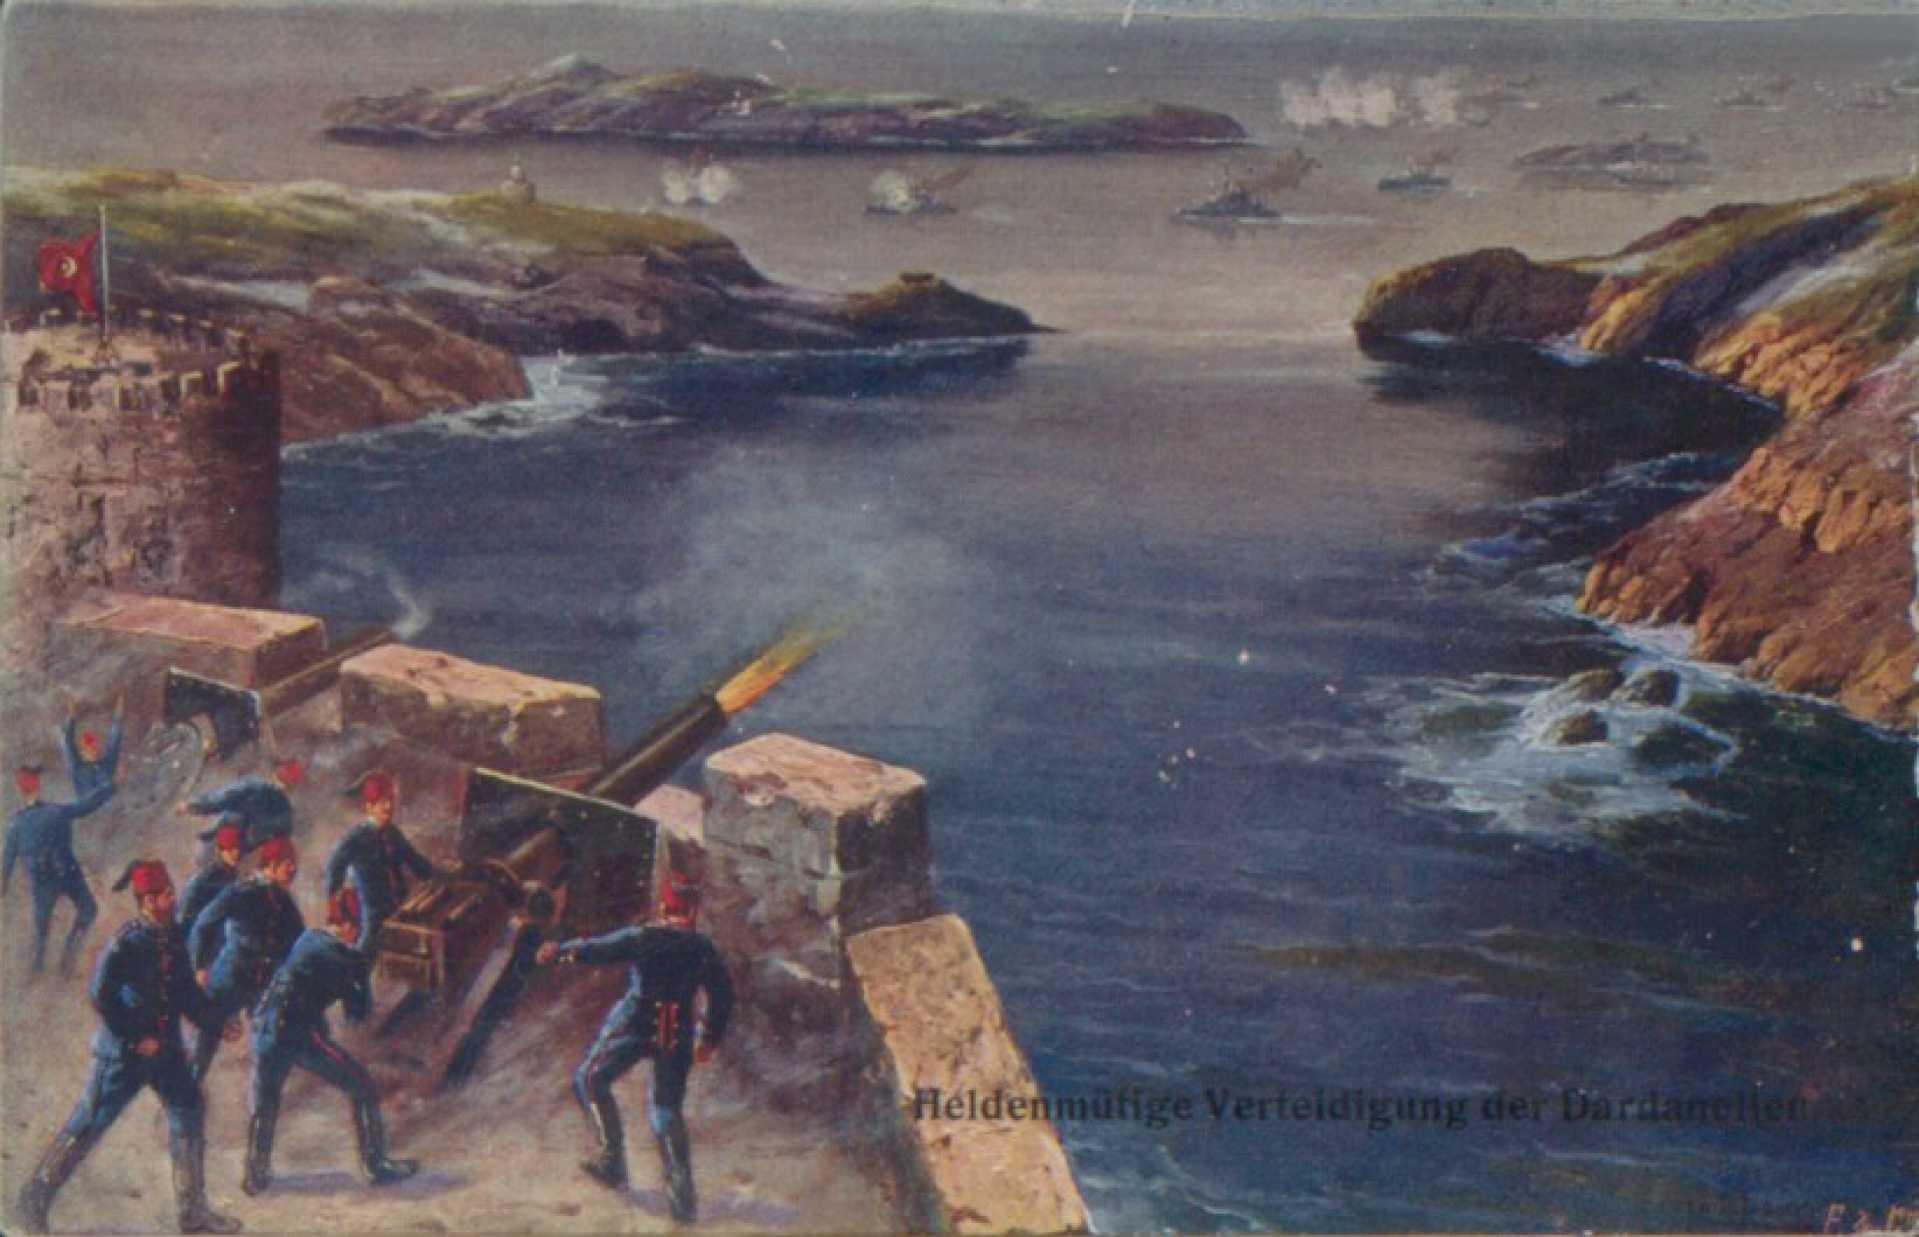 Heldenmütige Verteidigung der Dardanellen